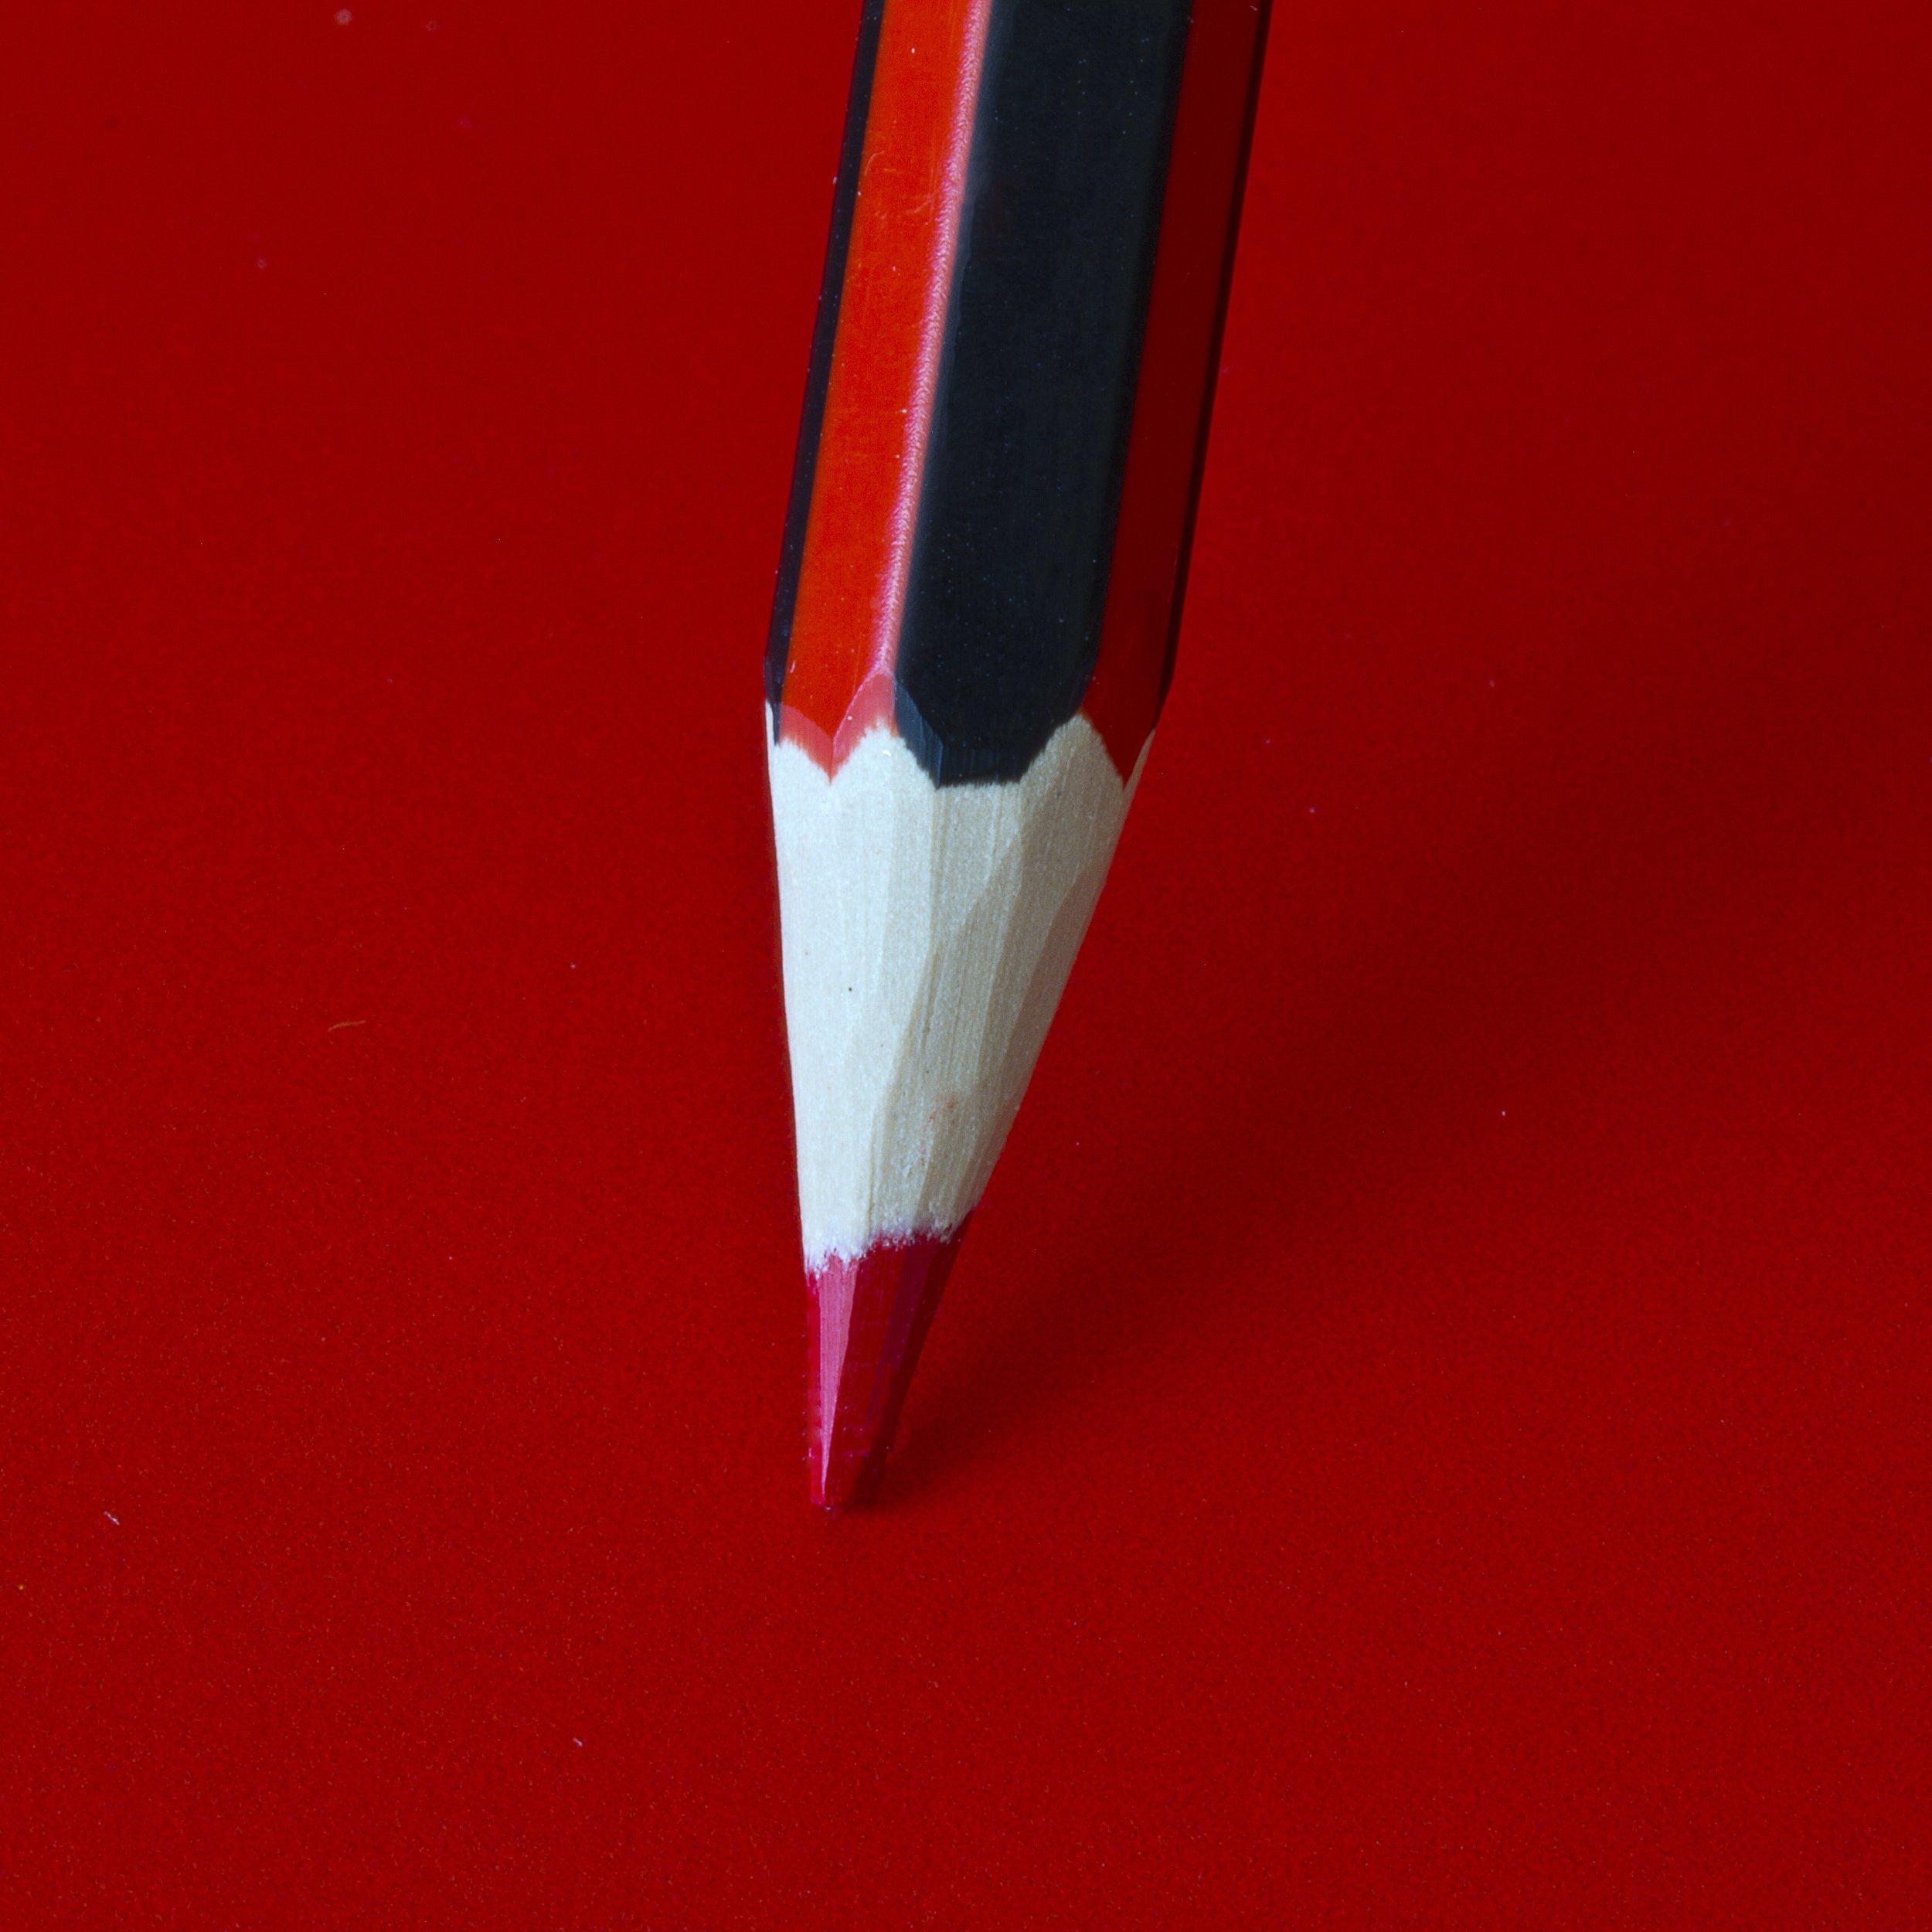 pexels-photo-60396 red pencil.jpg